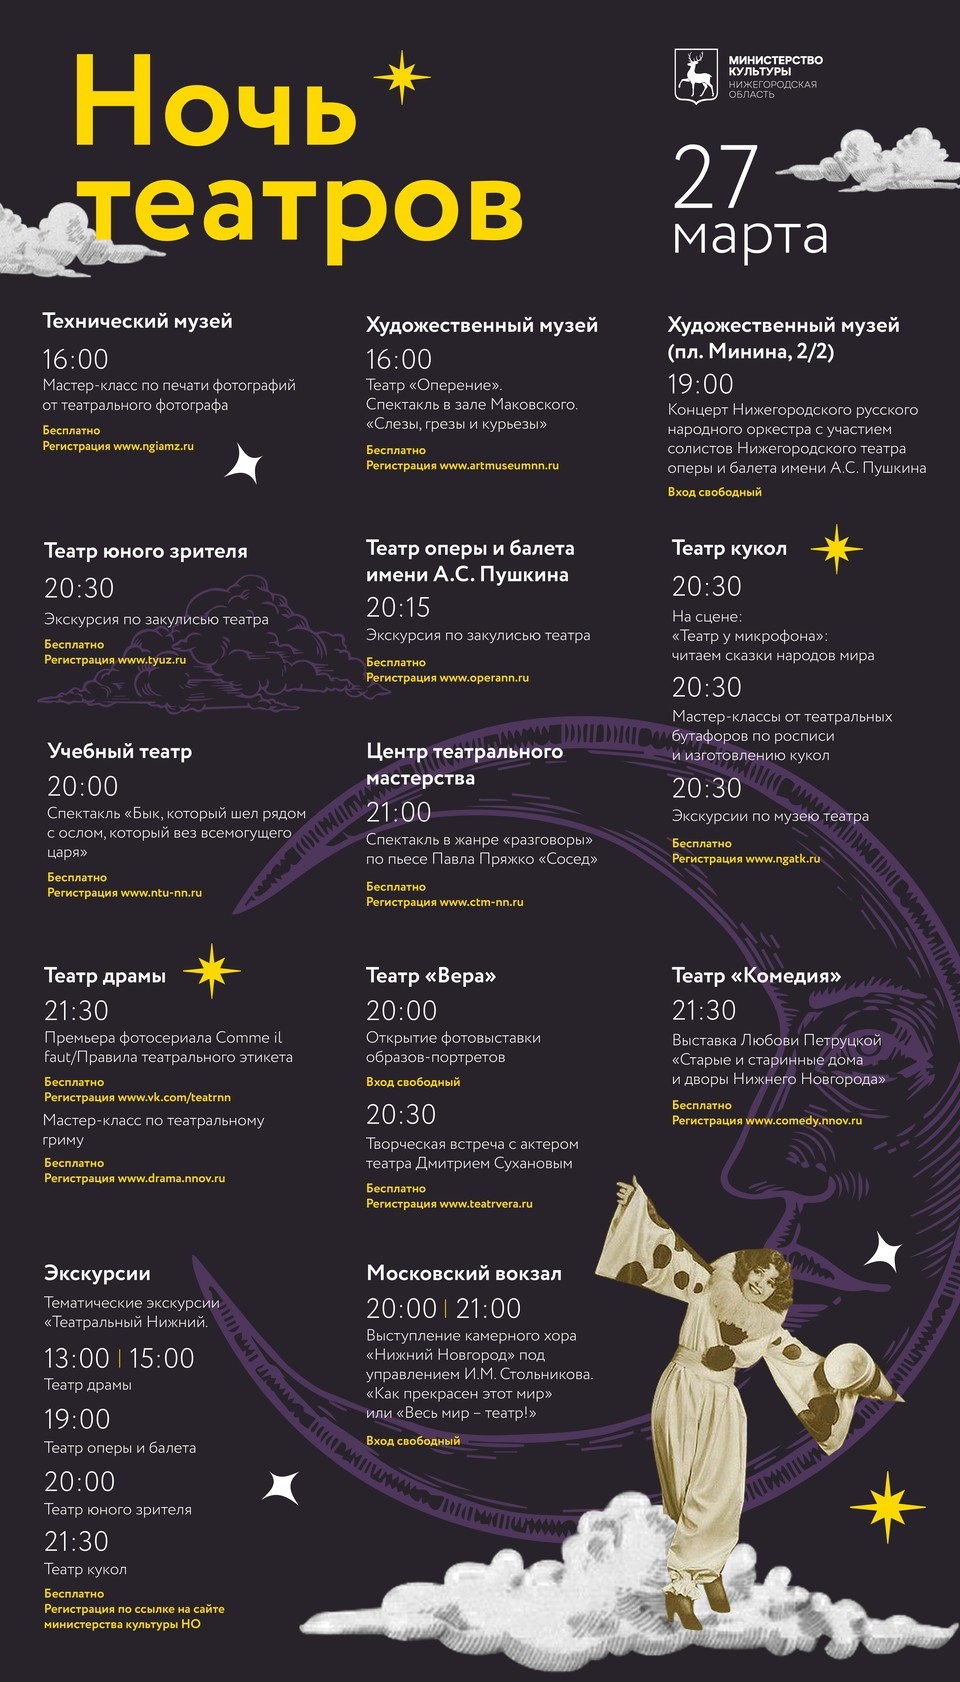 Ночь театров в Нижнем Новгороде 27 марта 2021 года: программа мероприятий, расписание.